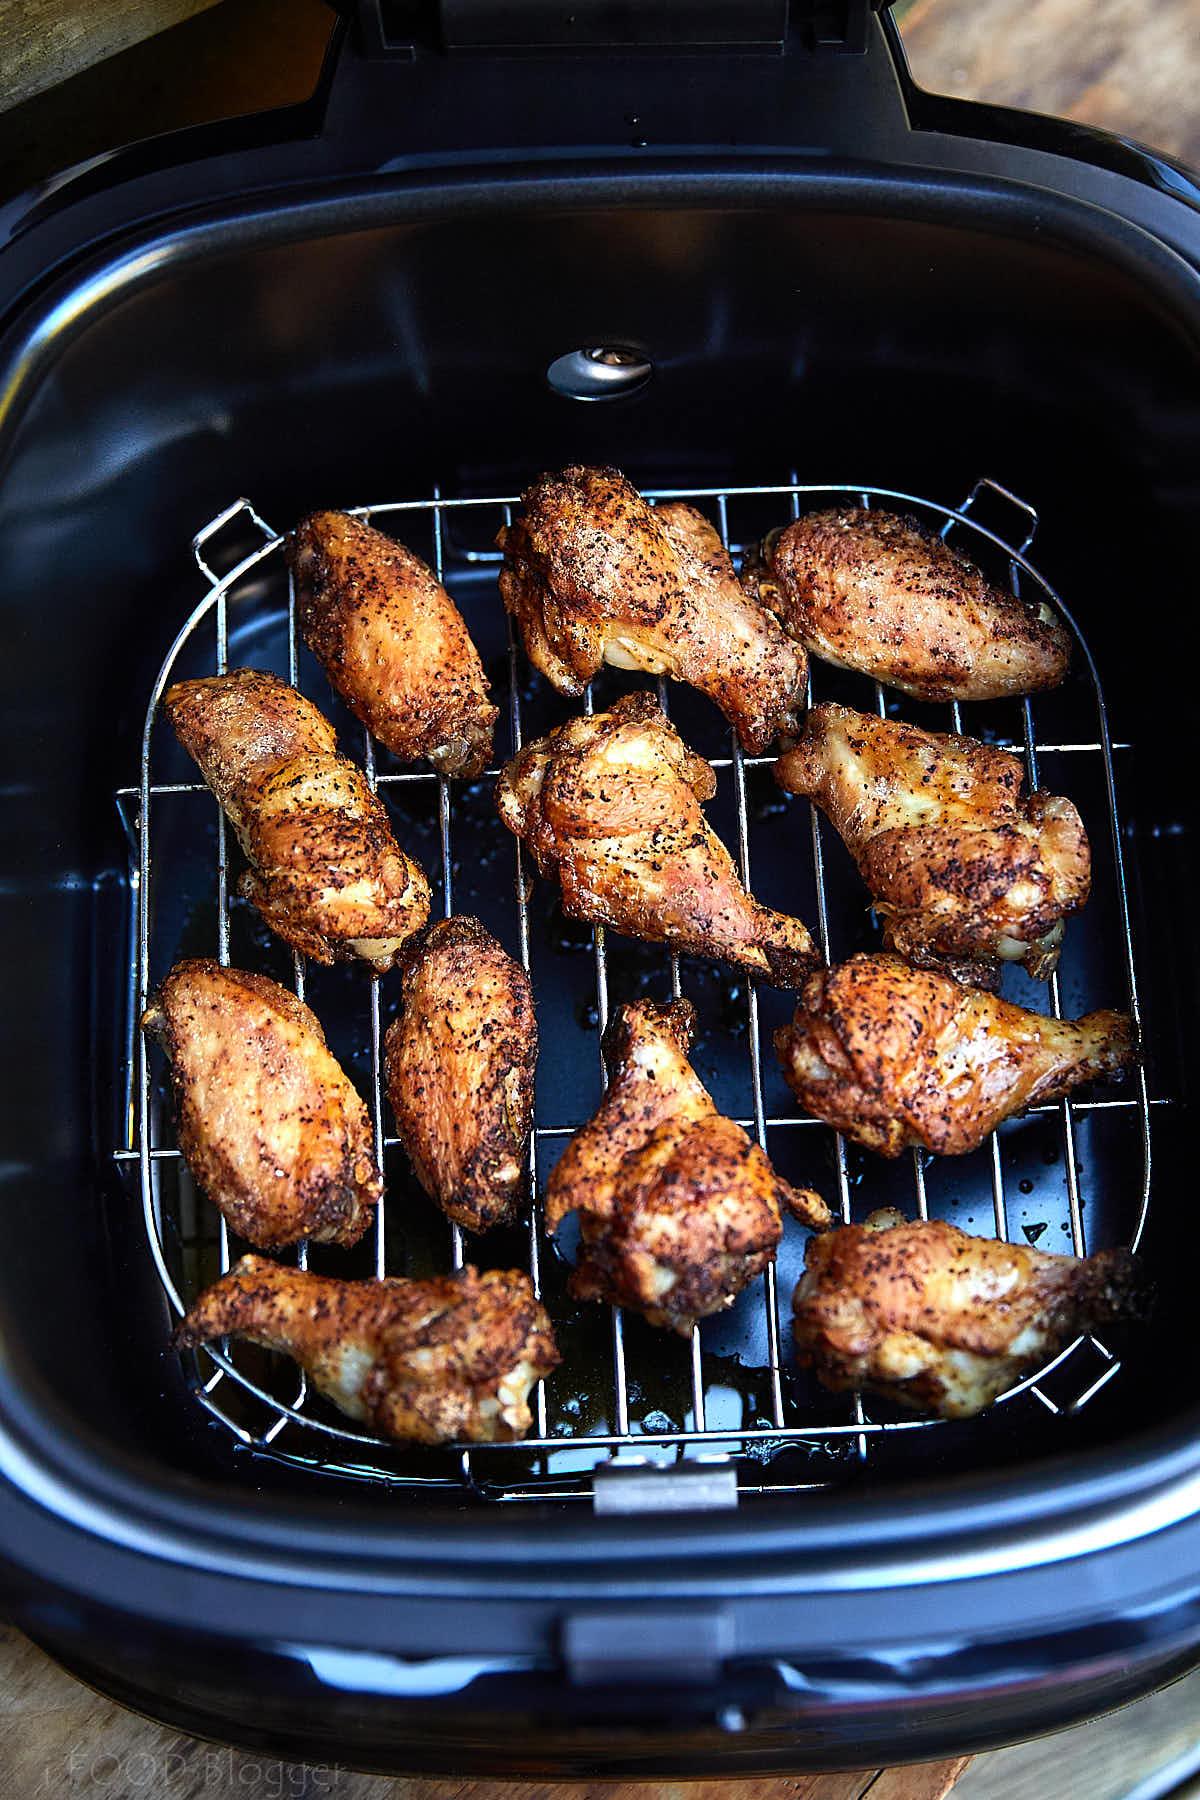 Crispy browned chicken wings inside an open air fryer.